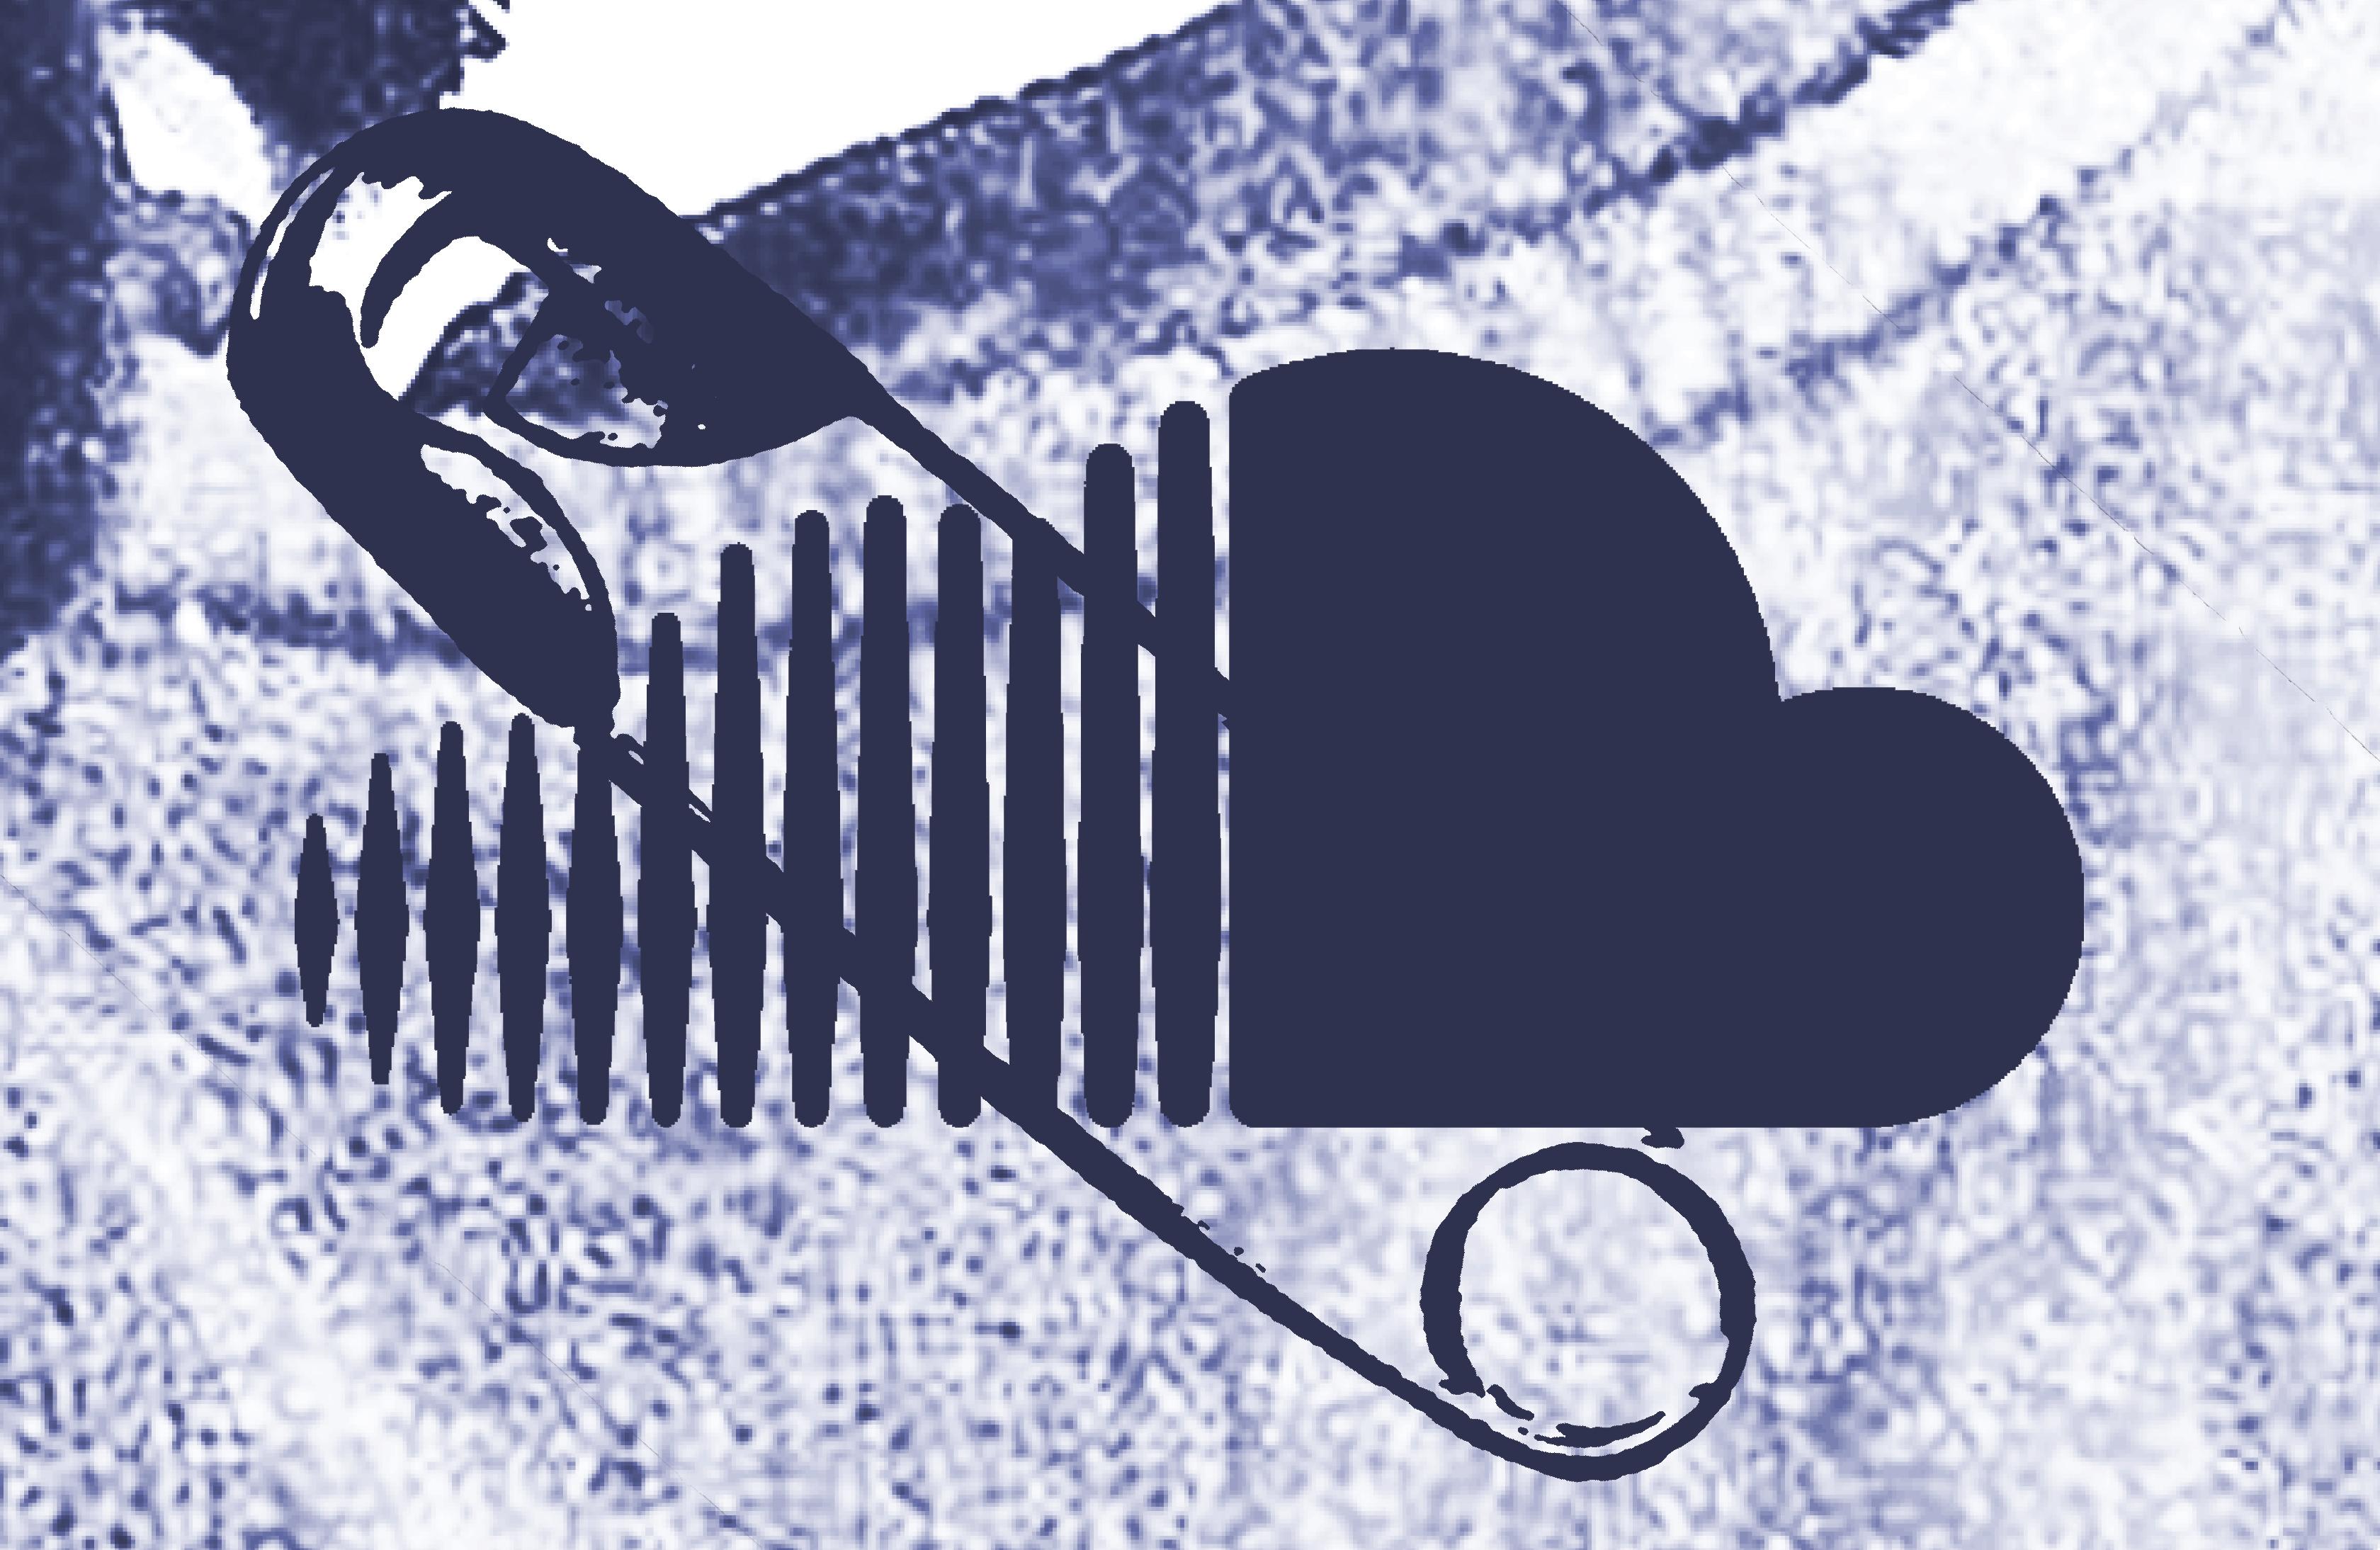 punksoundcloudrap-01